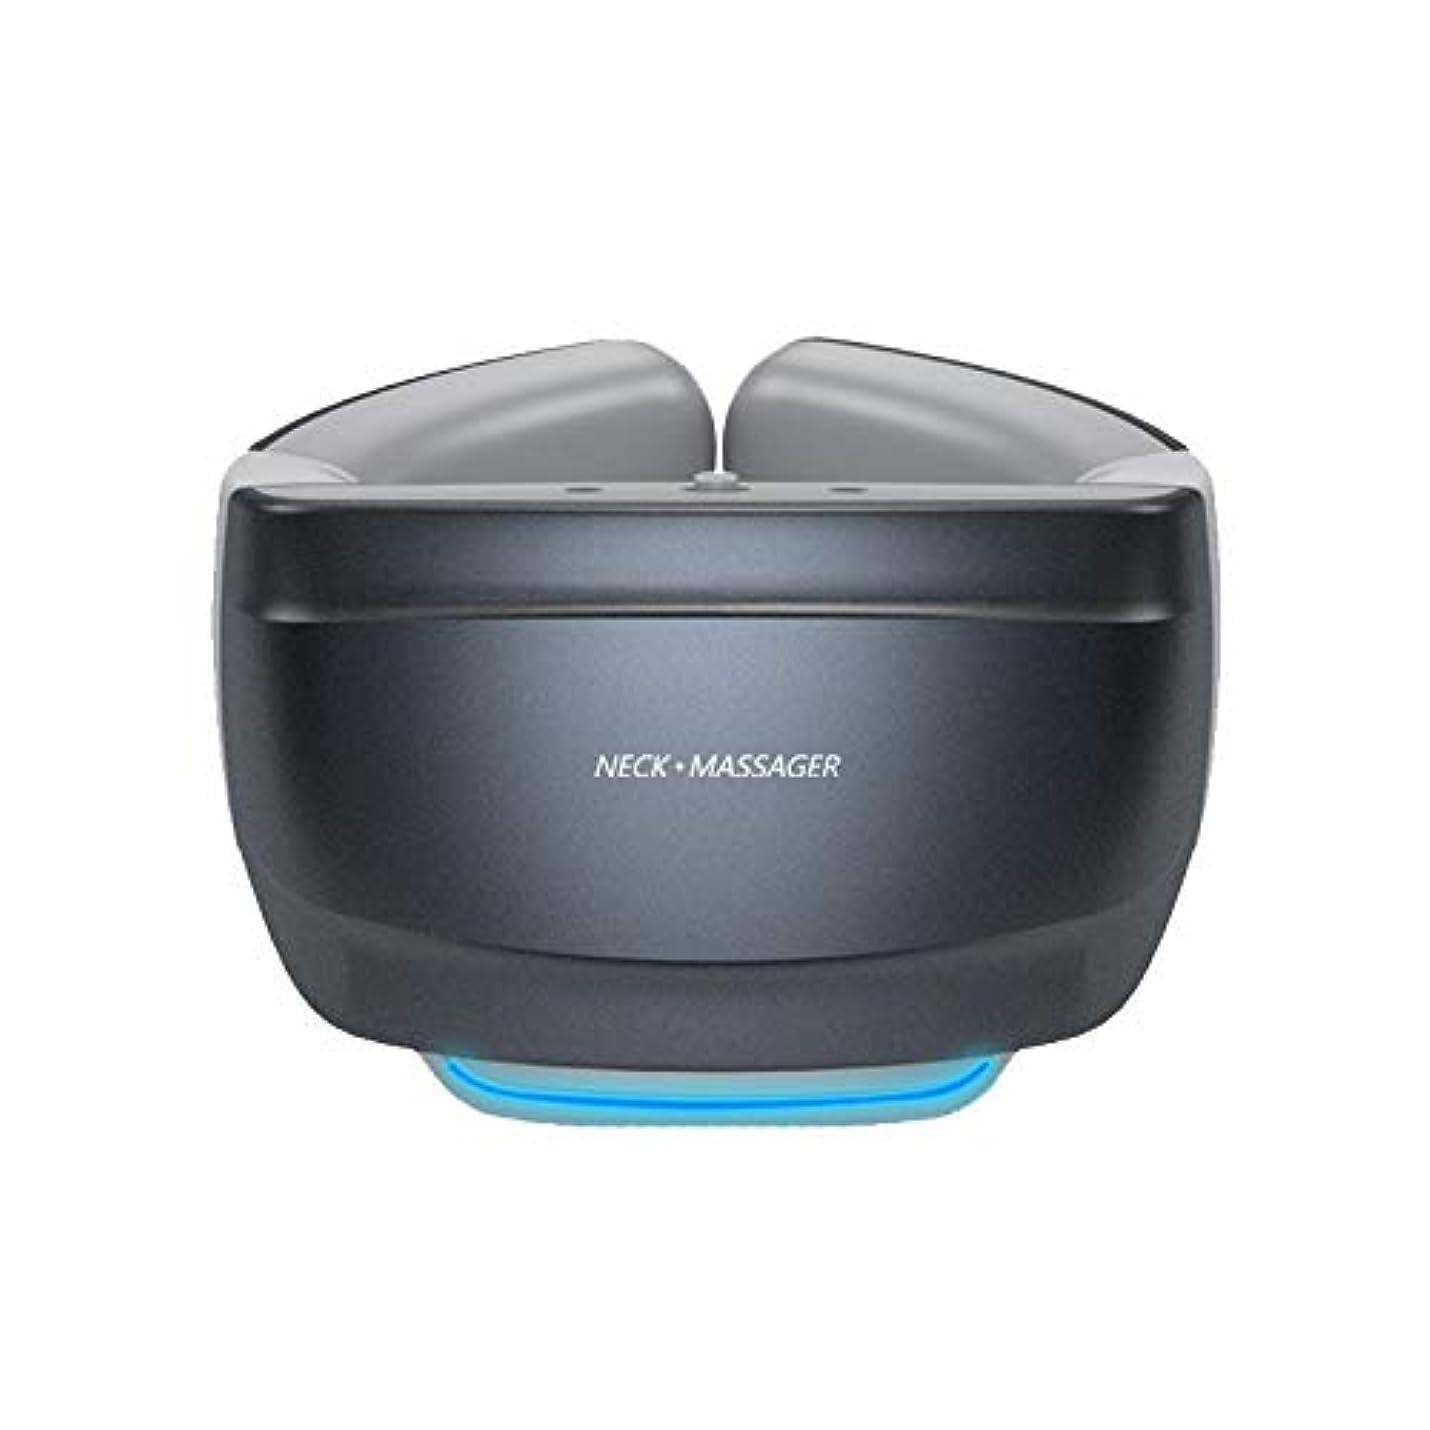 矢告発オーク加熱機能付き多機能スマートネックマッサージャーワイヤレス3Dトラベルネックマッサージ機器バックマッサージャー